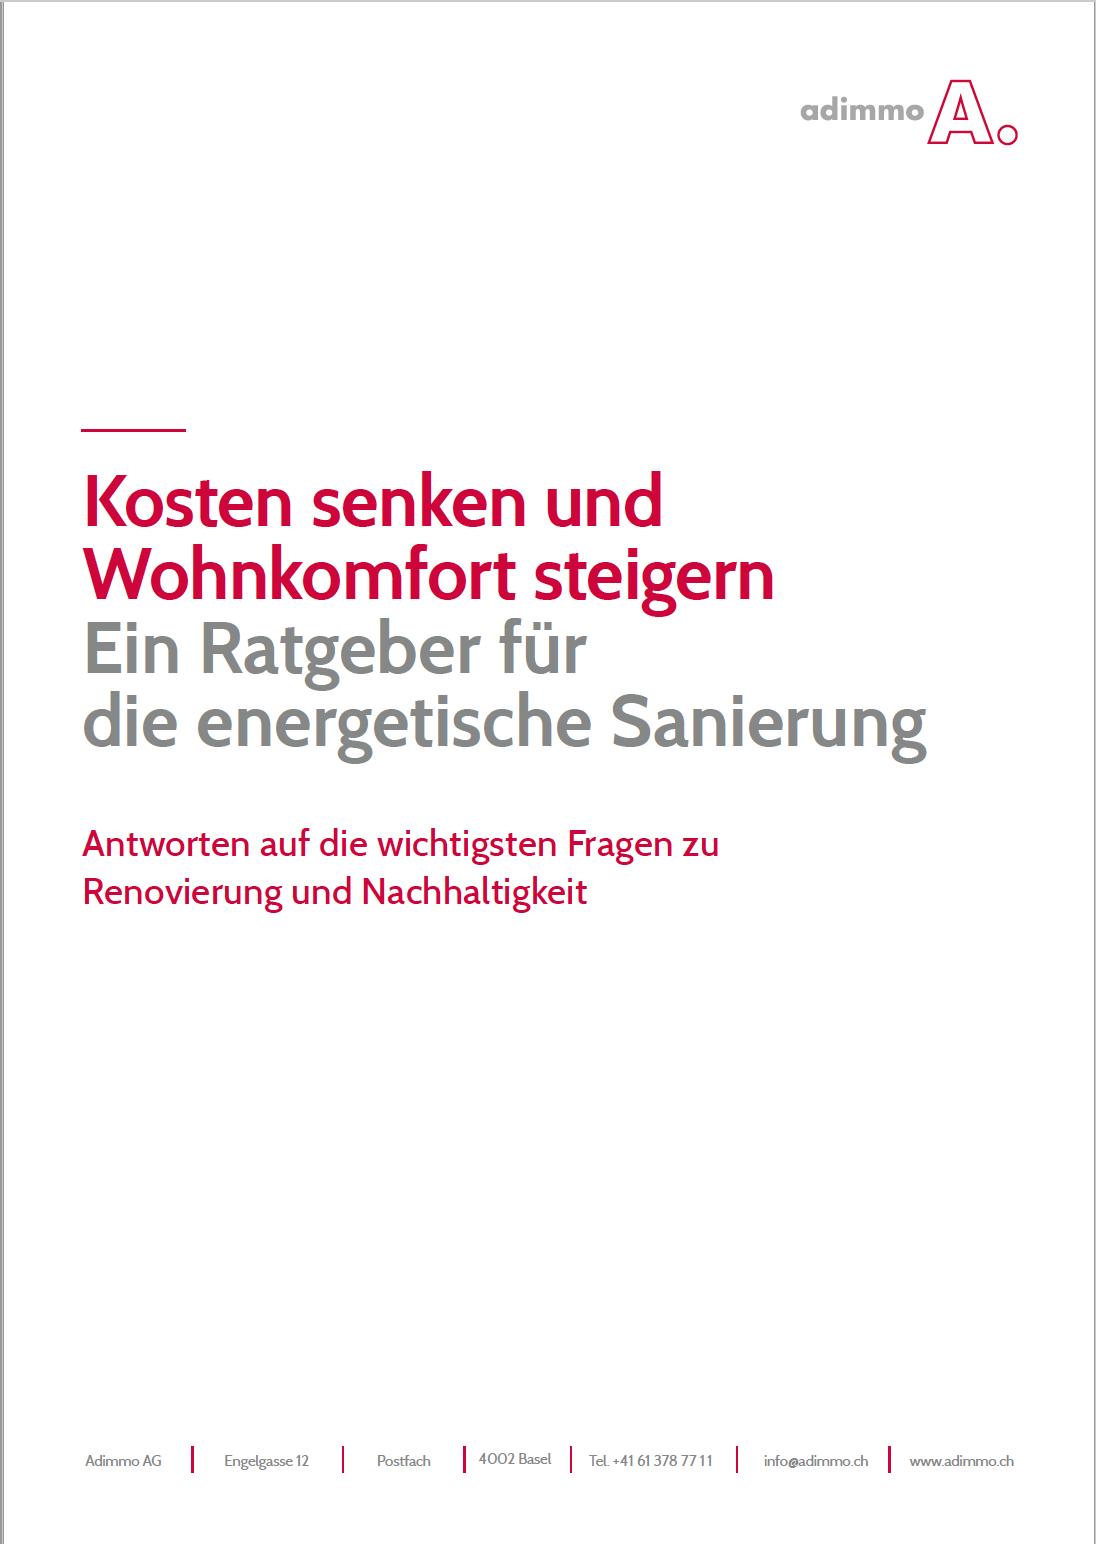 Deckblatt_Ratgeber_energetische_Sanierung